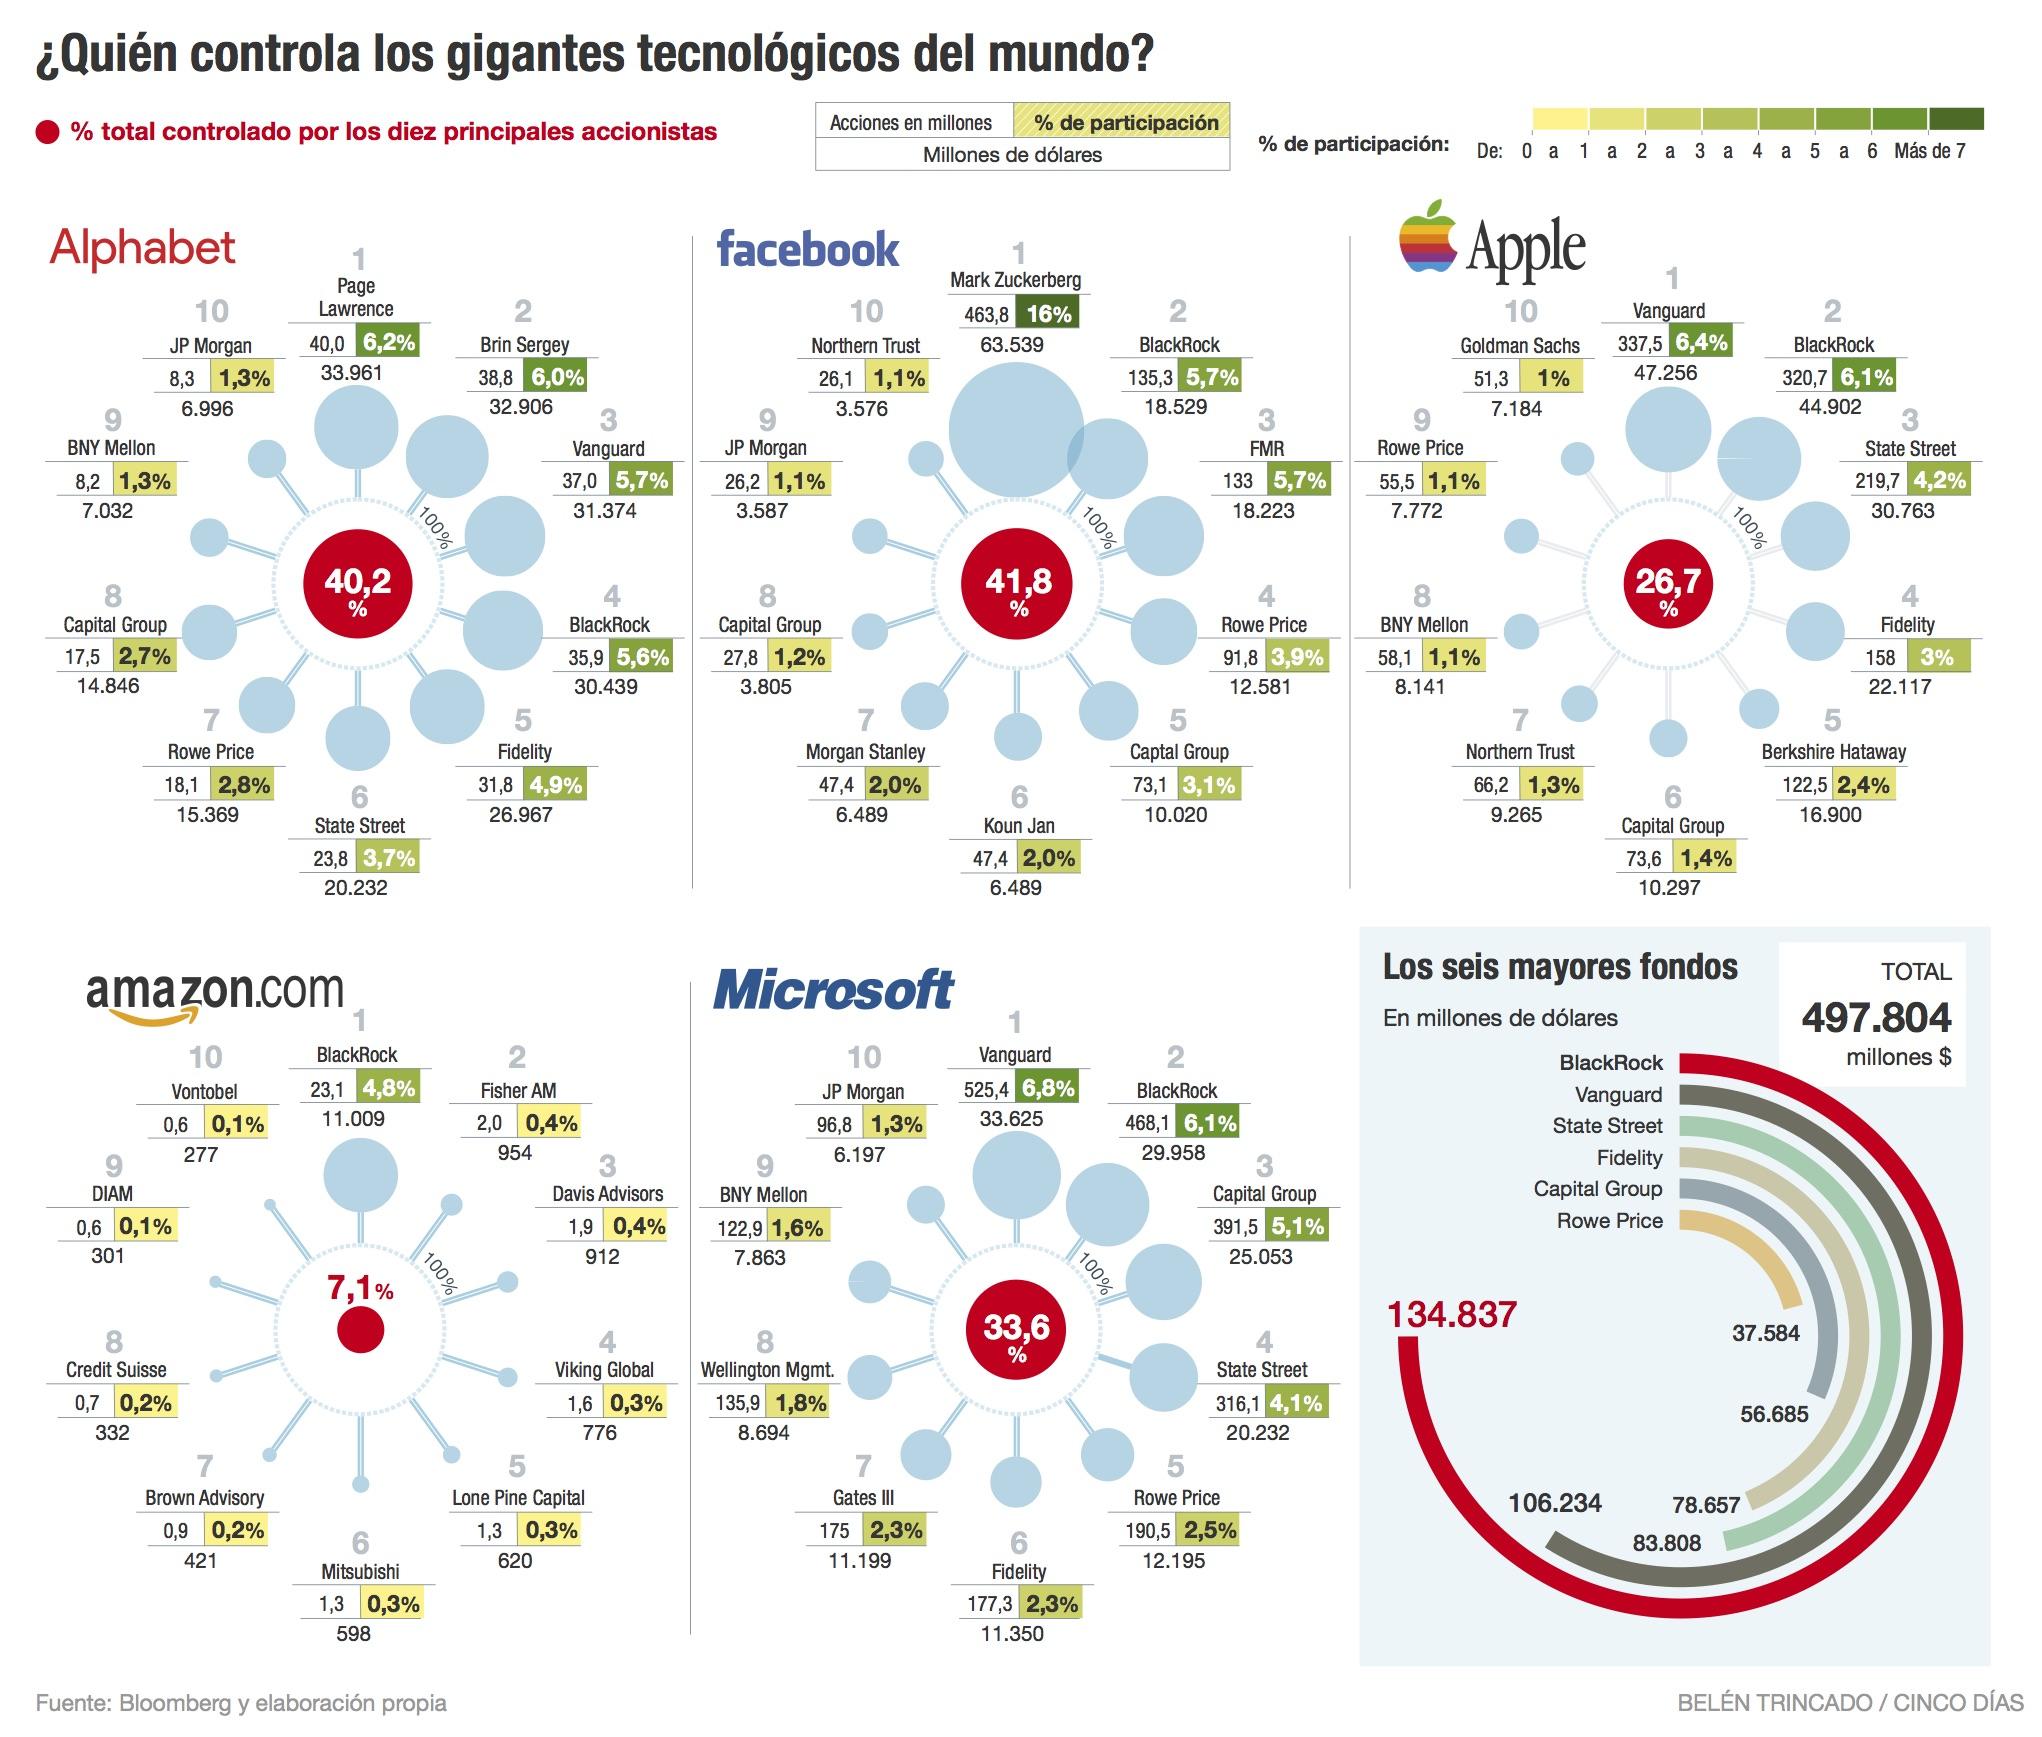 Quien controla los gigantes tecnológicos